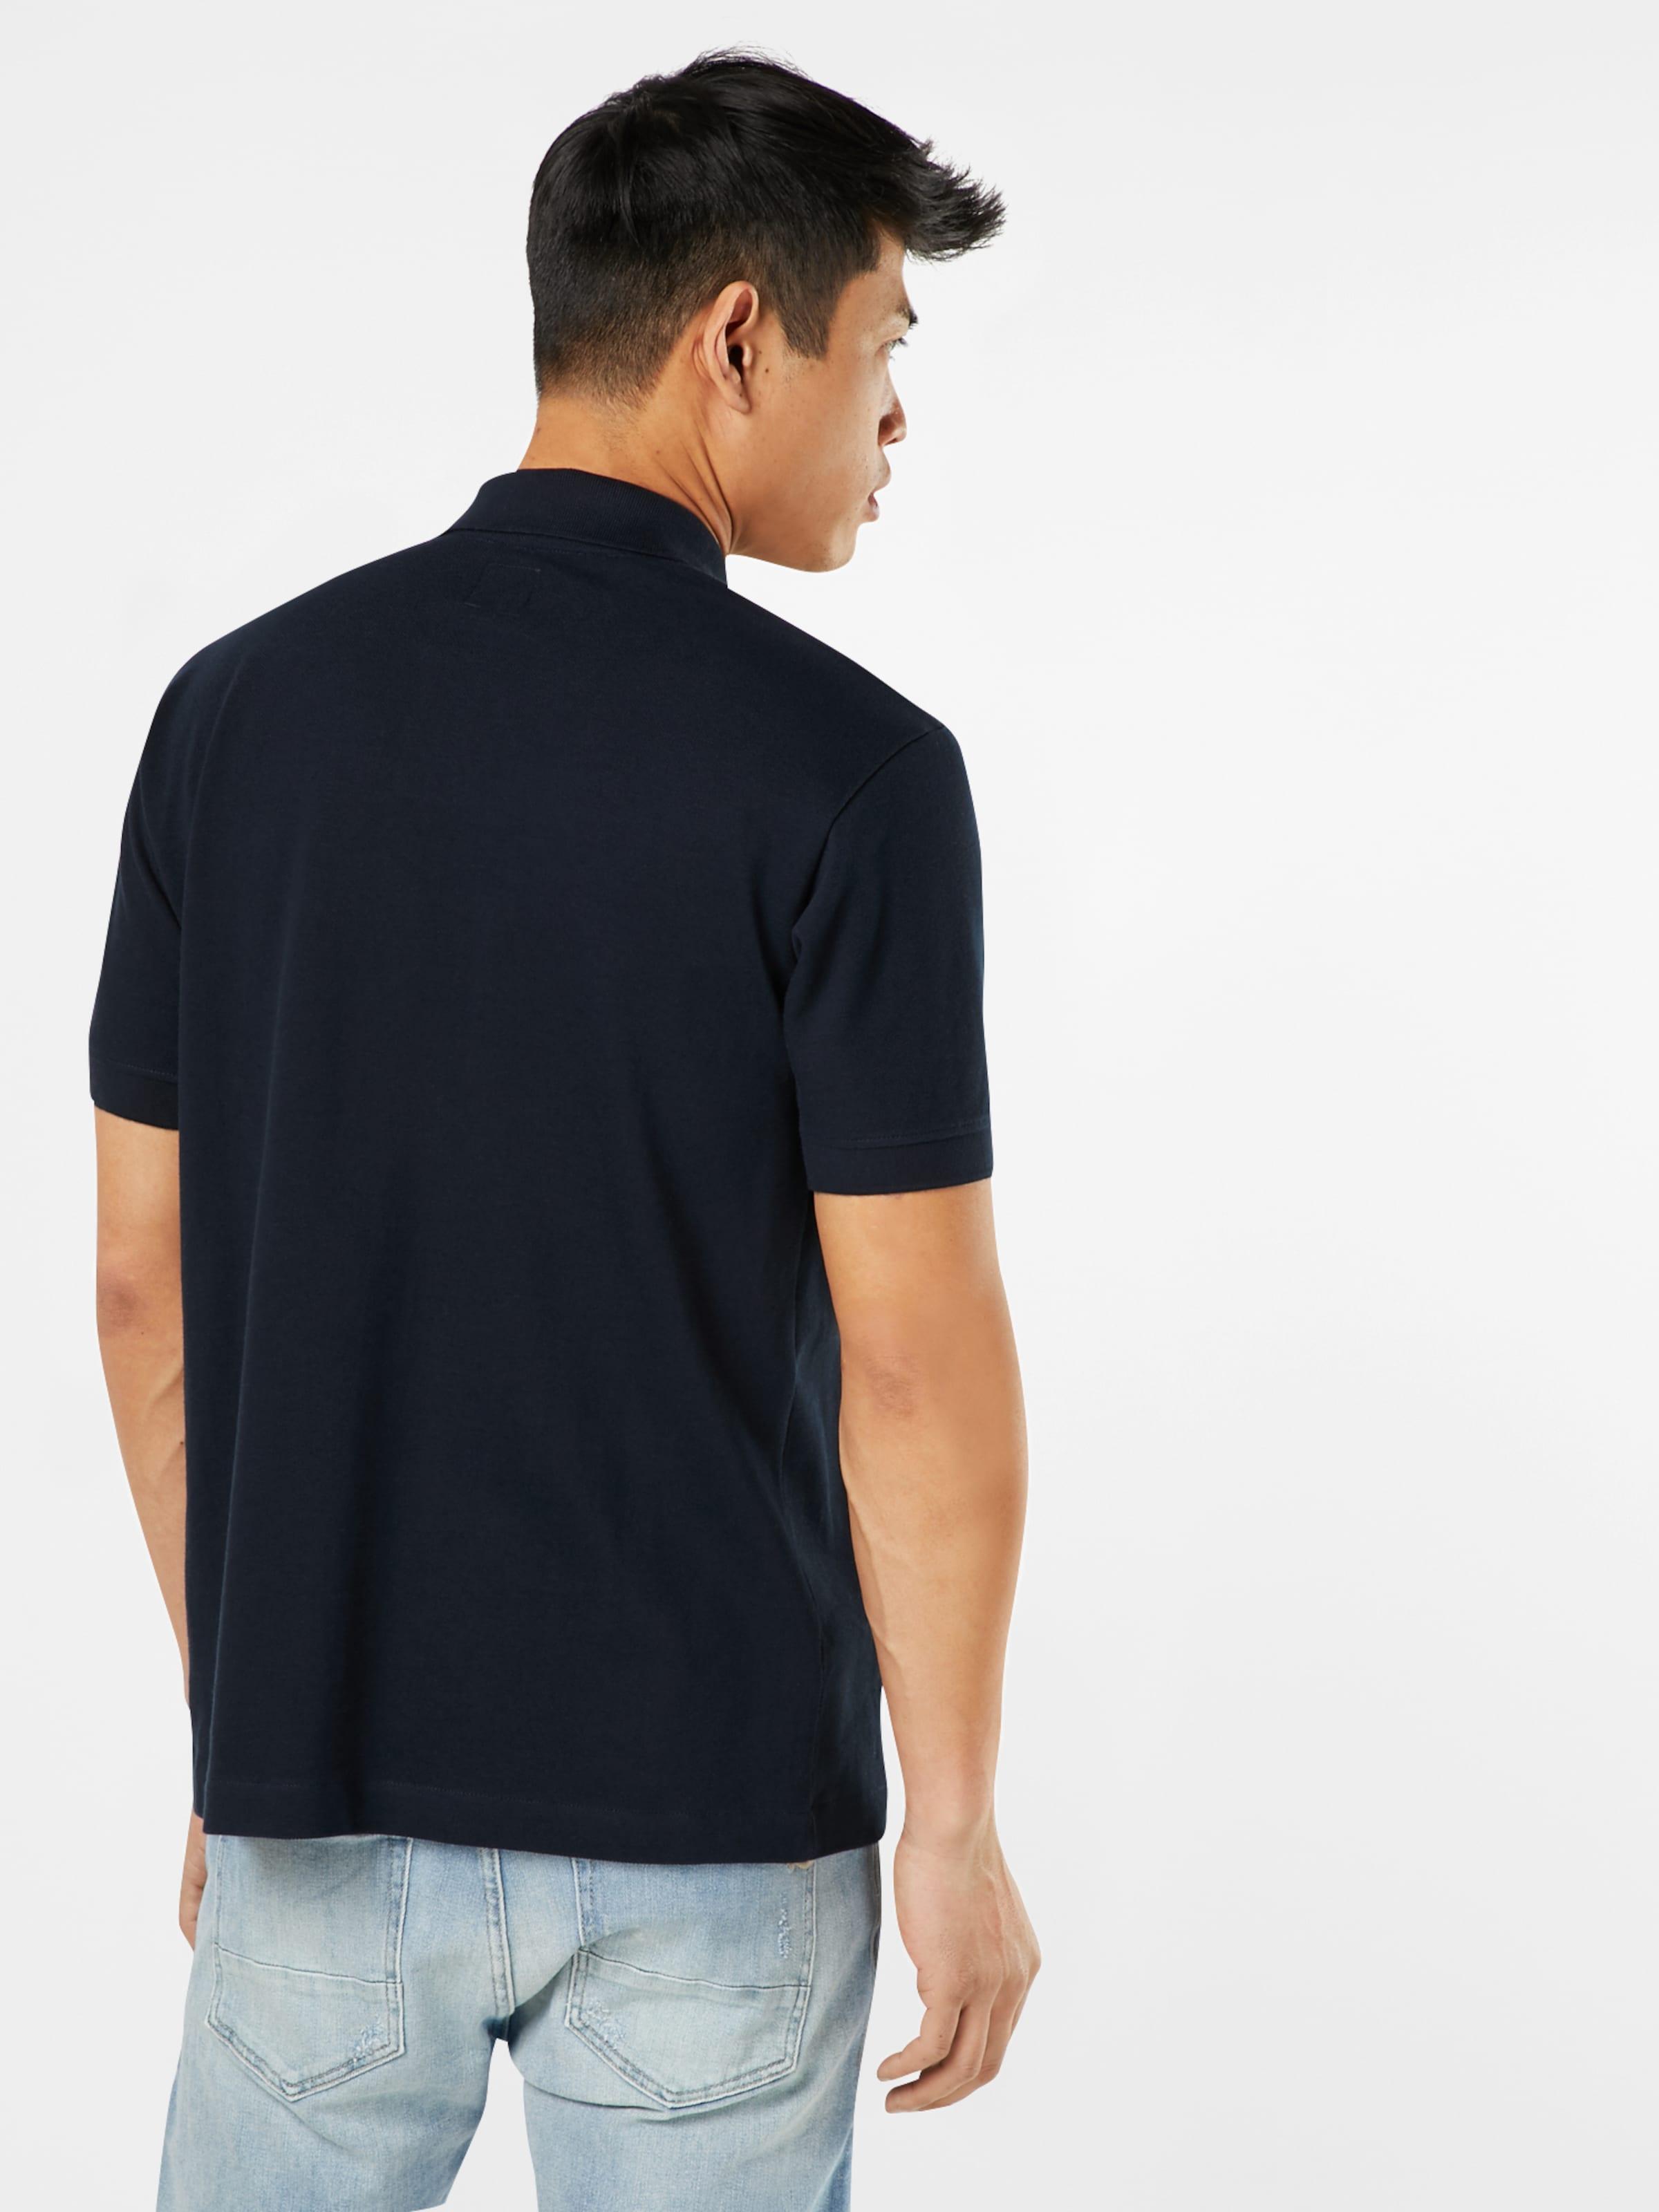 Freies Verschiffen Günstigsten Preis Sneakernews Online Wemoto Poloshirt 'Beans Shake' Billige Eastbay Fabrikverkauf Günstiger Preis PoSNXhQA